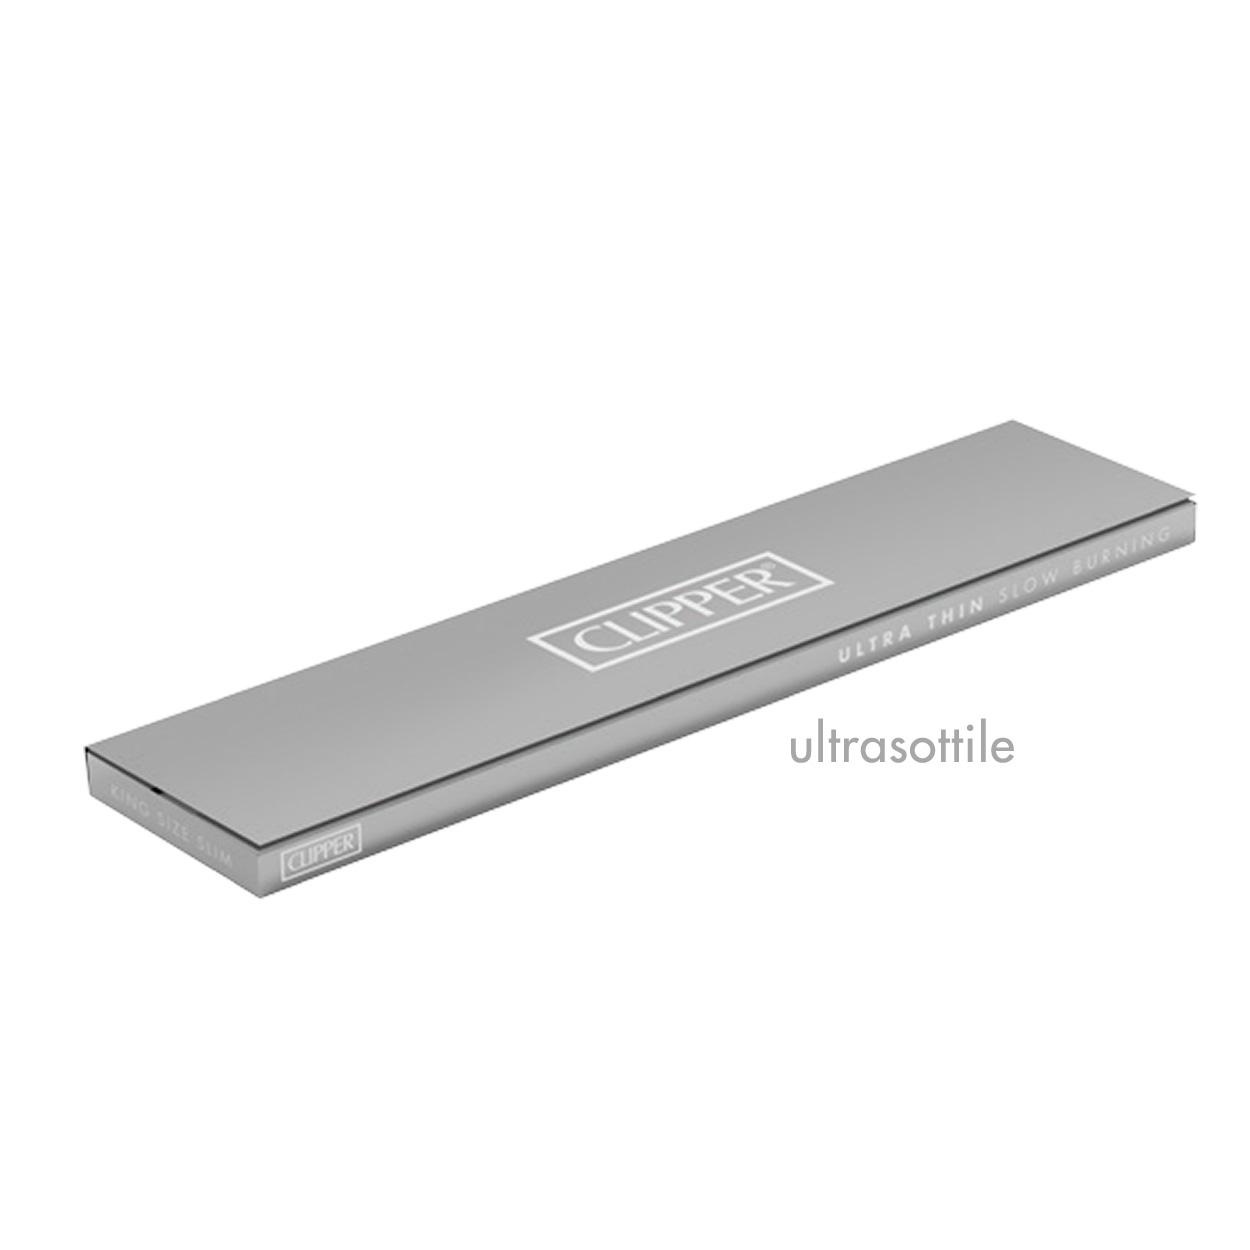 lunga-silver